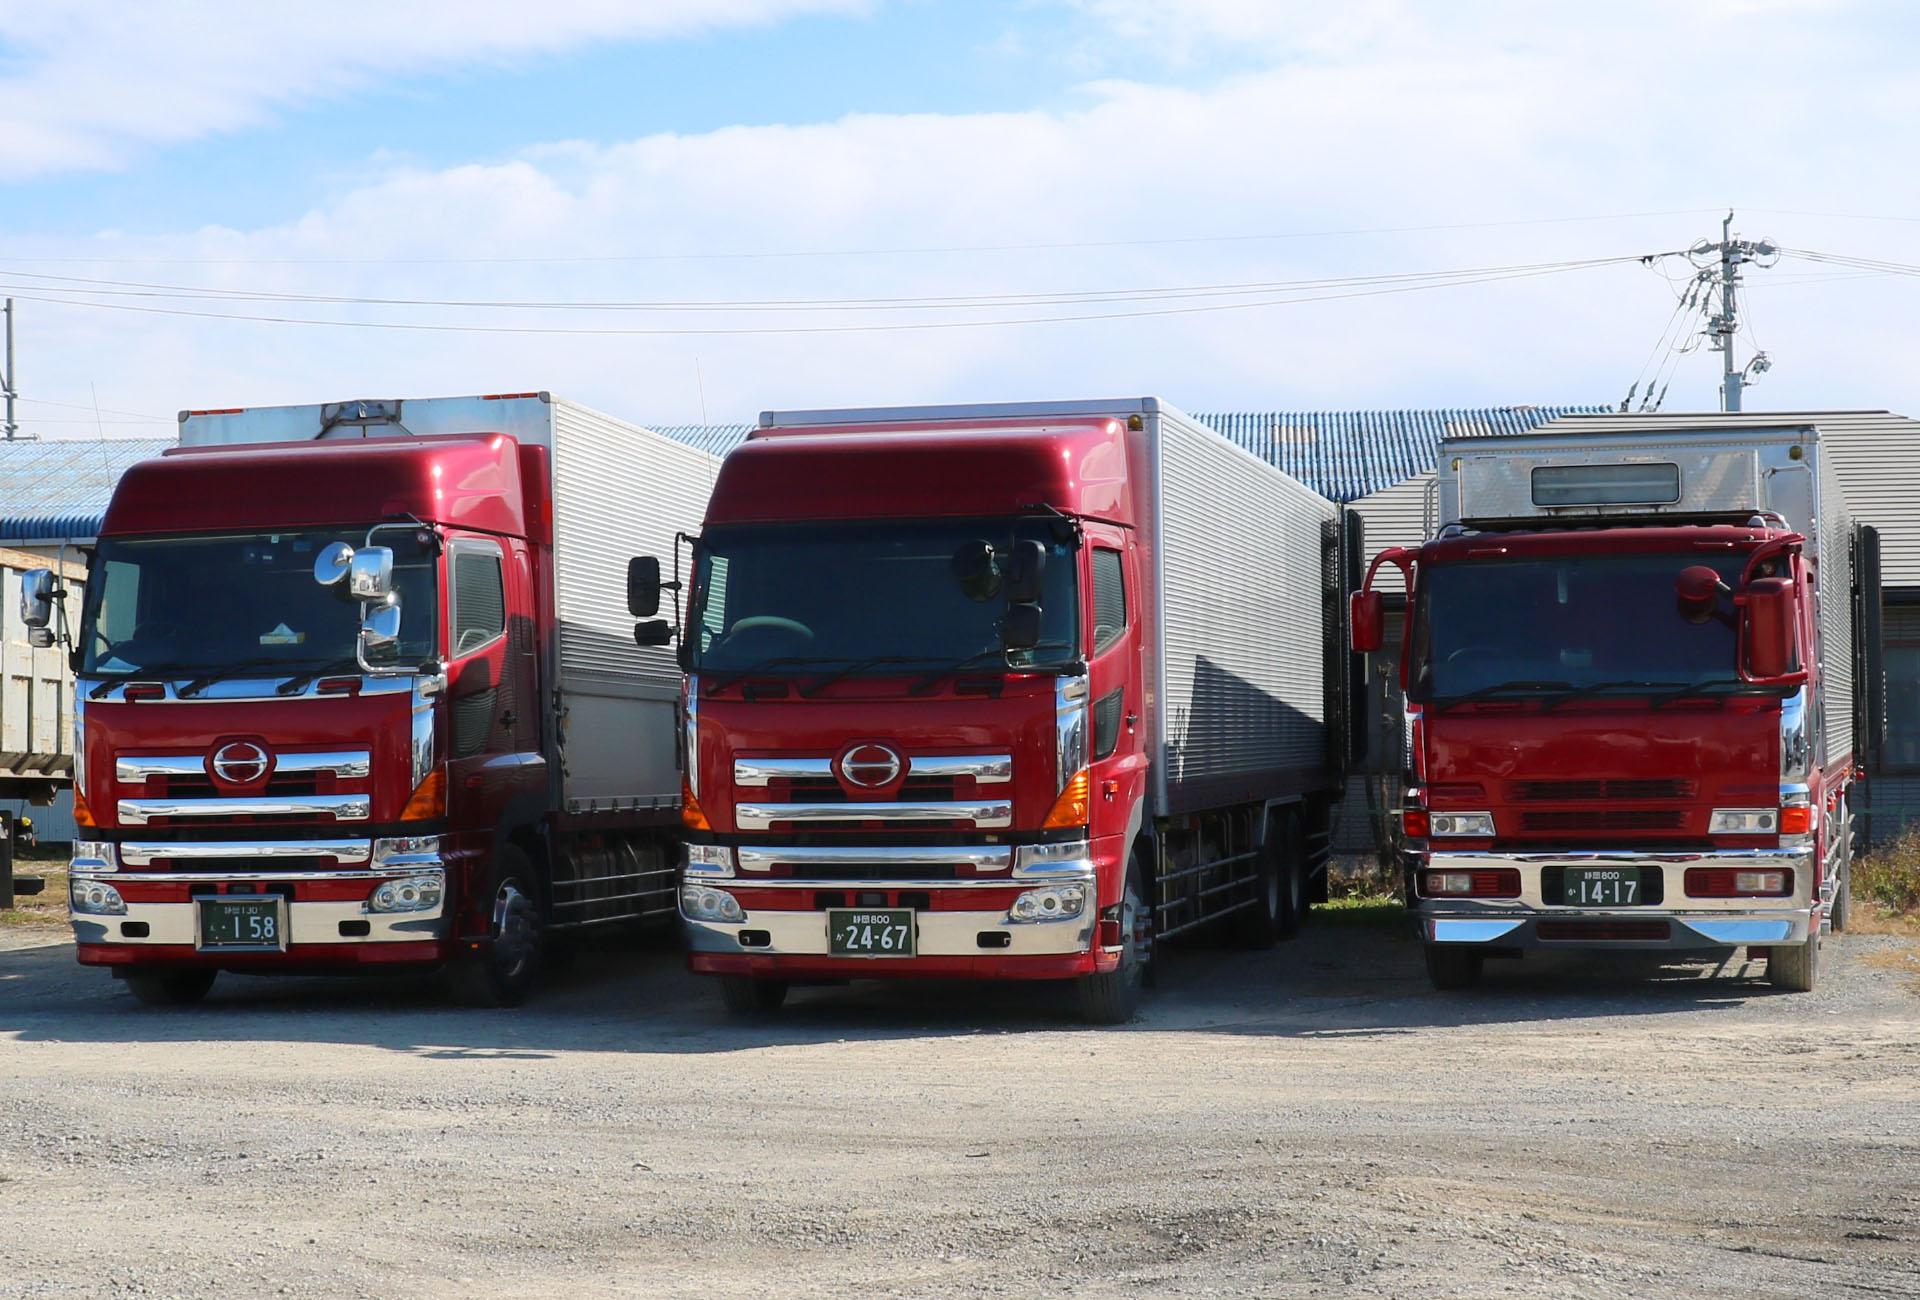 株式会社ヤマヒロ,食品輸送,産業廃棄物の収集運搬